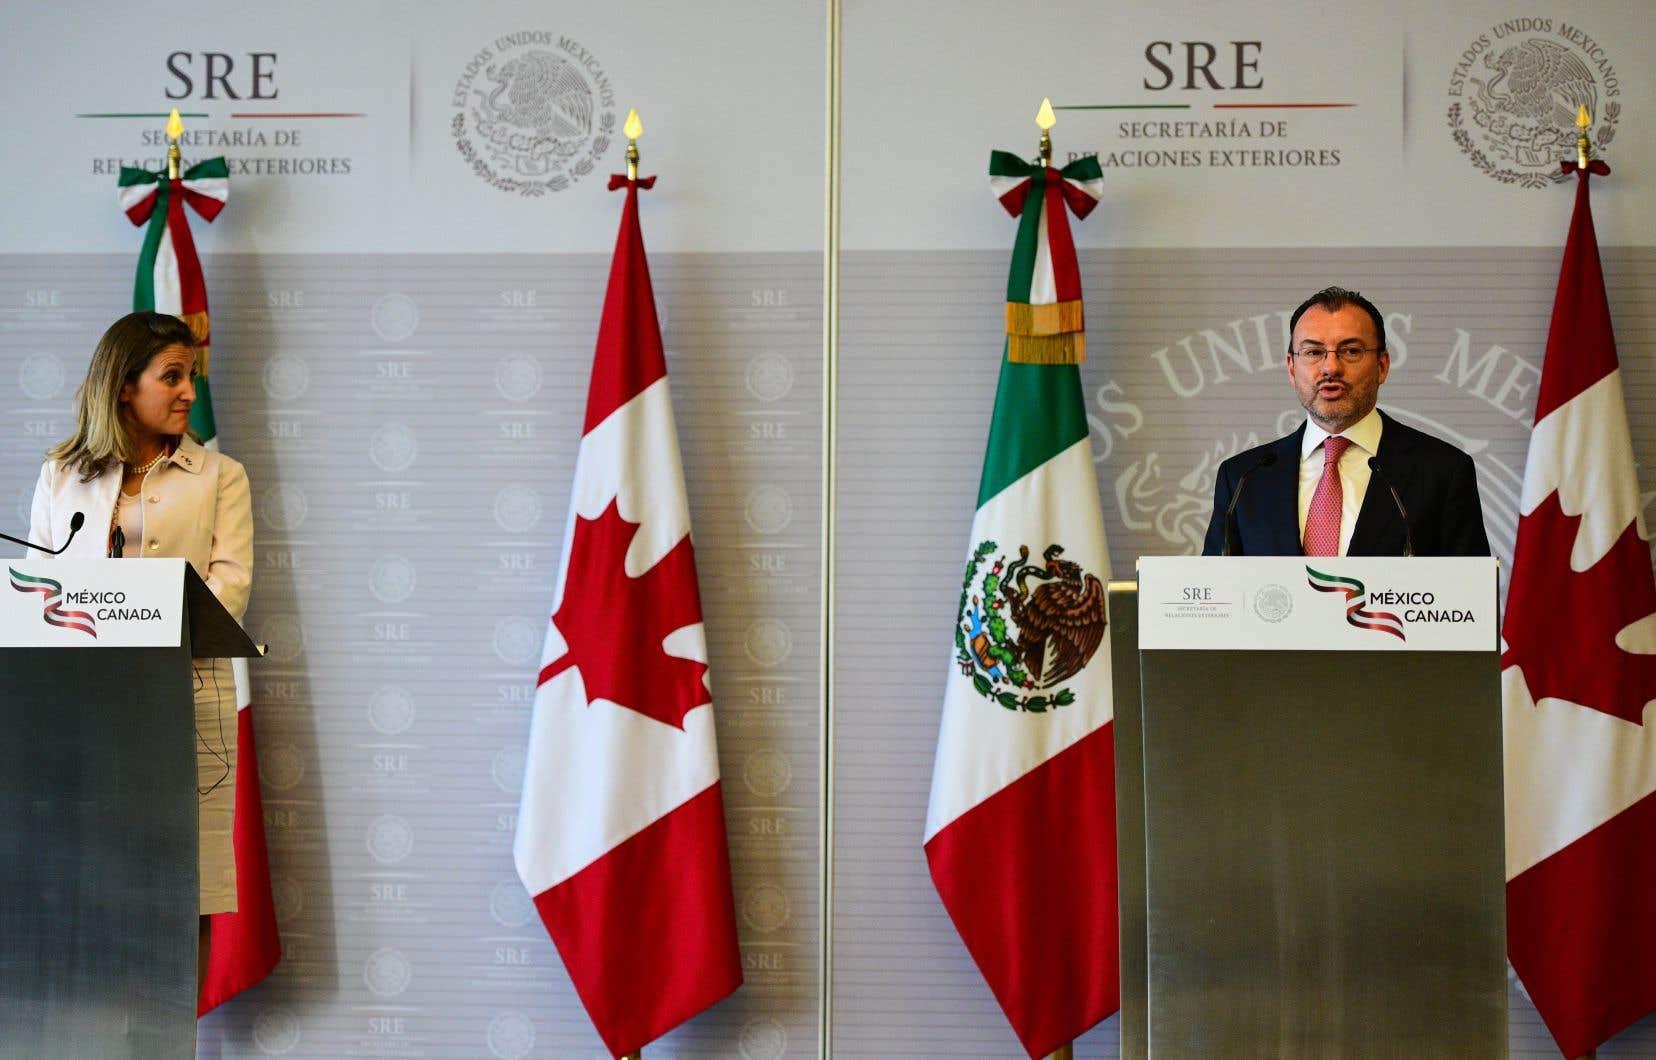 Le Canada a reconnu que le Mexique avait fait des concessions importantes dans son accord avec les États-Unis.